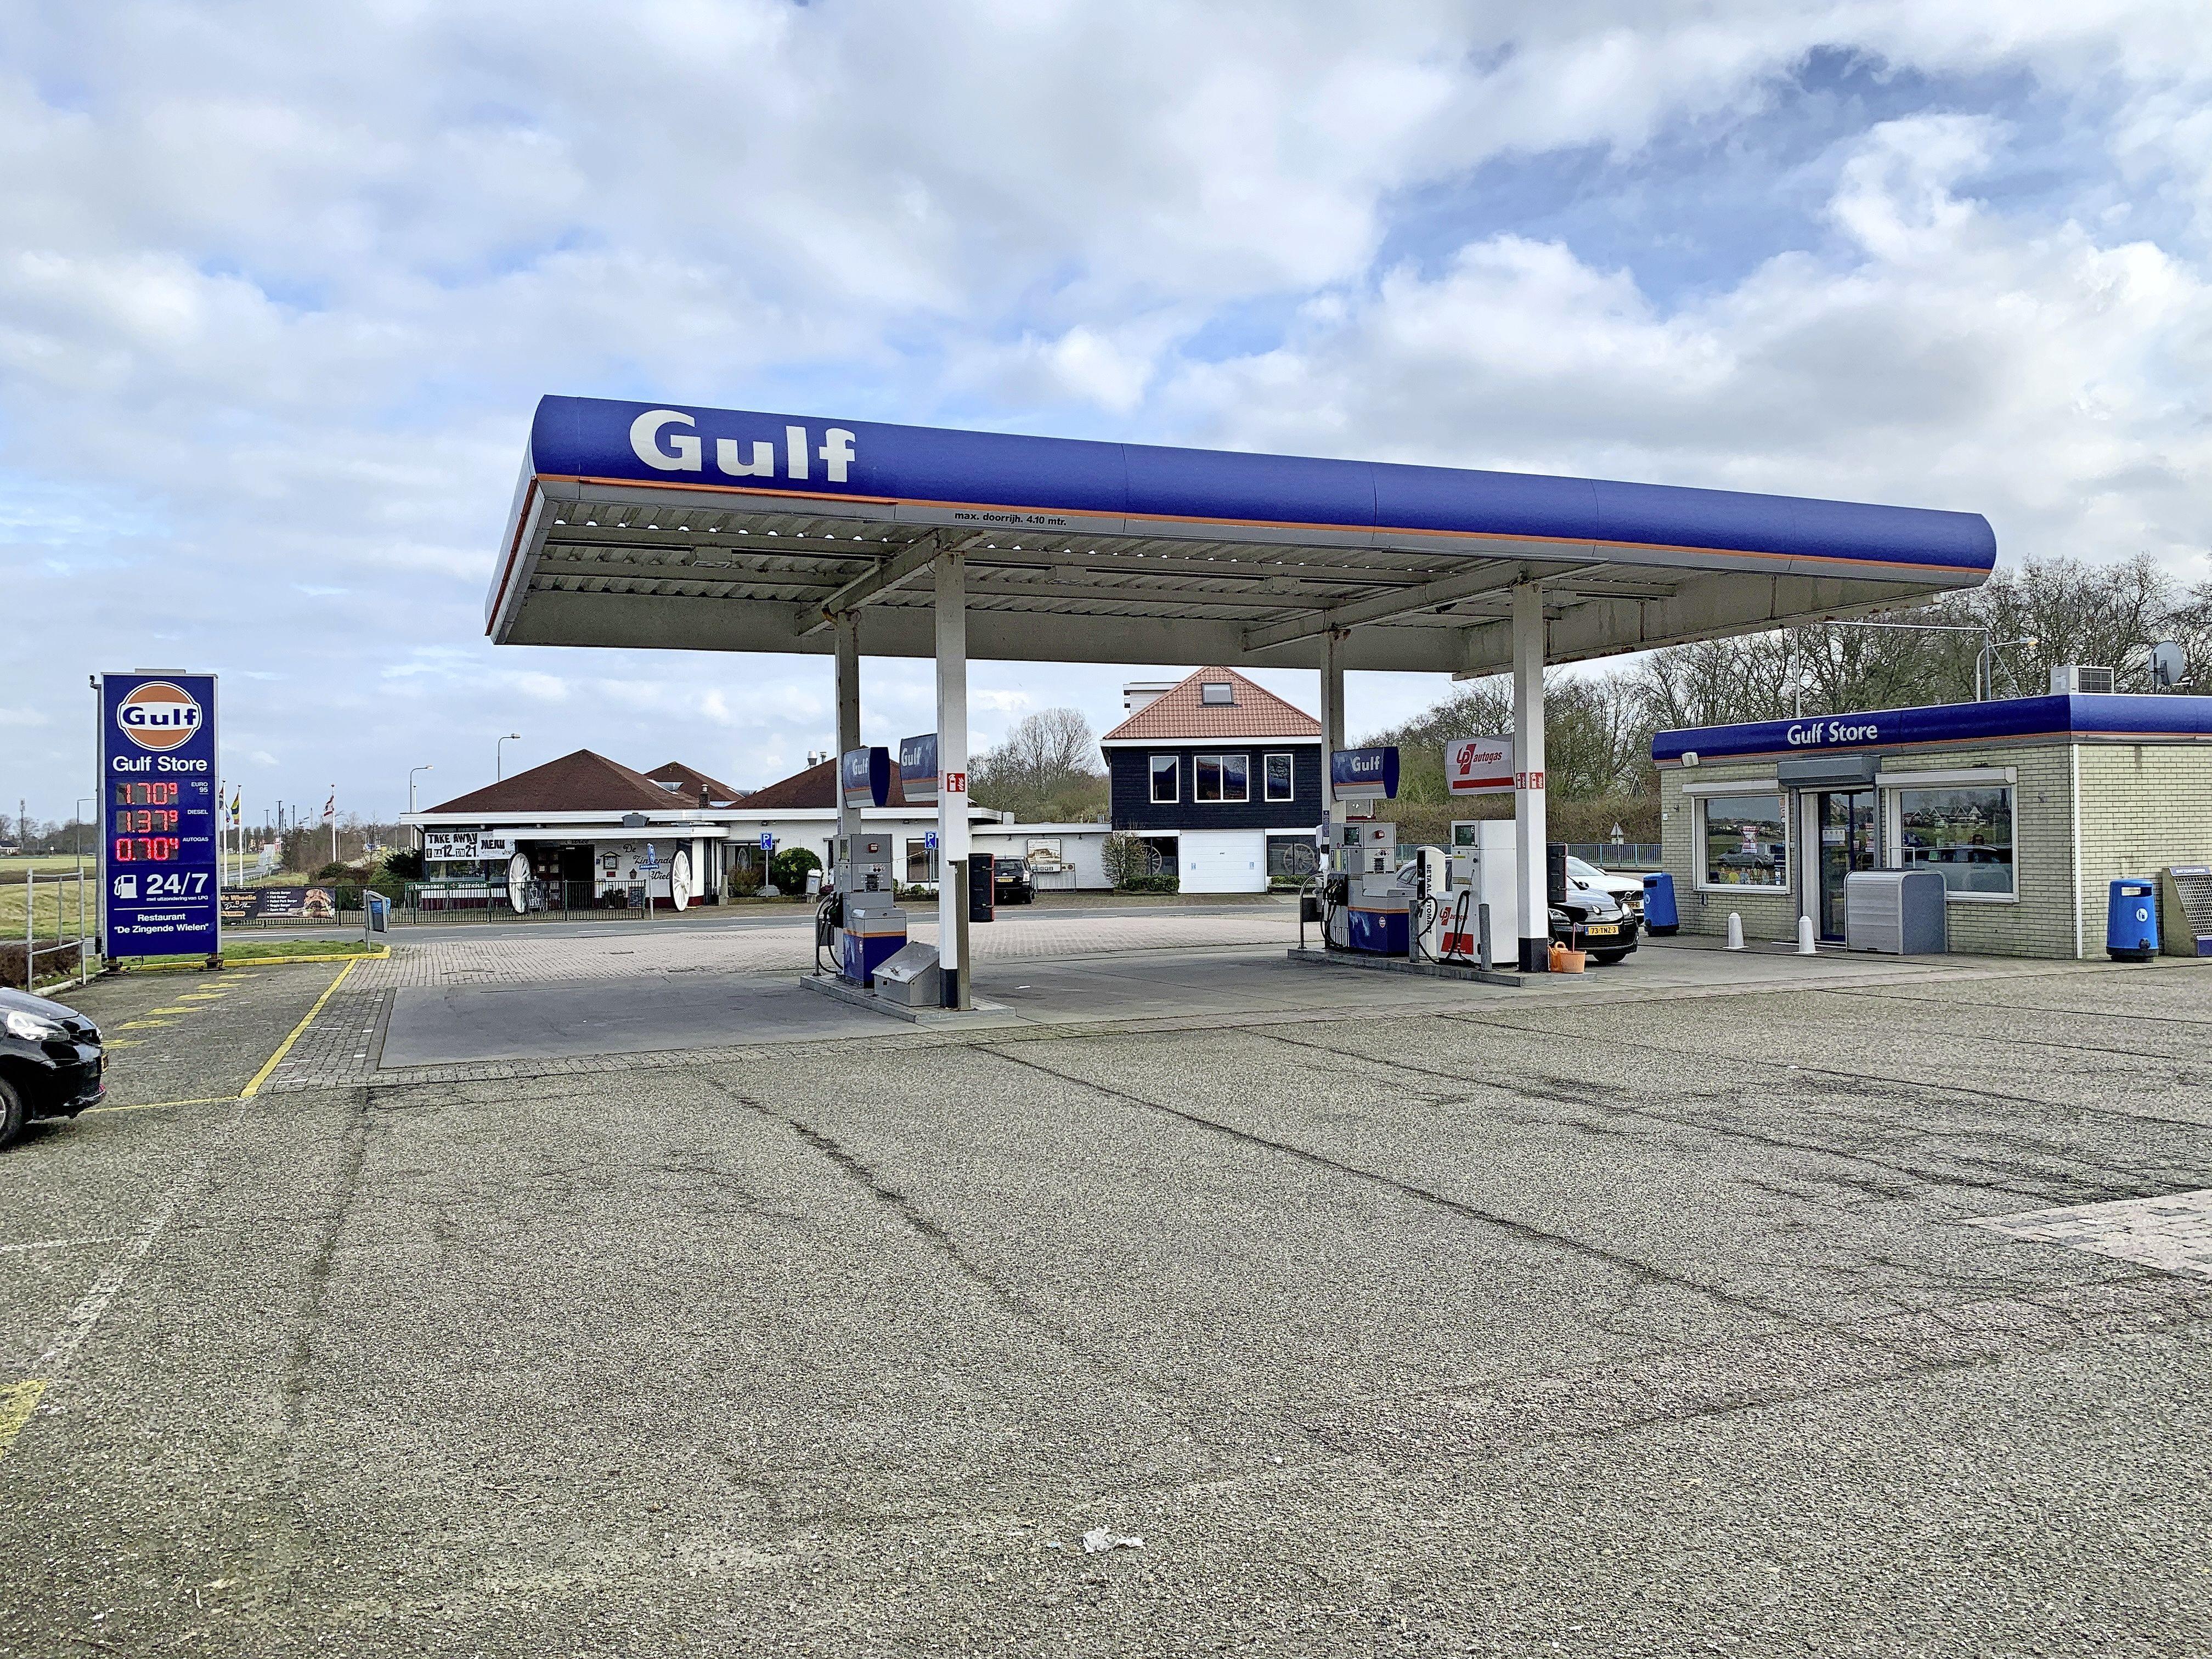 Nog een miljoentje stuk te slaan? De grond onder het tankstation bij De Zingende Wielen is te koop. 'Het is een mooie belegging', zegt Dirk Scheringa